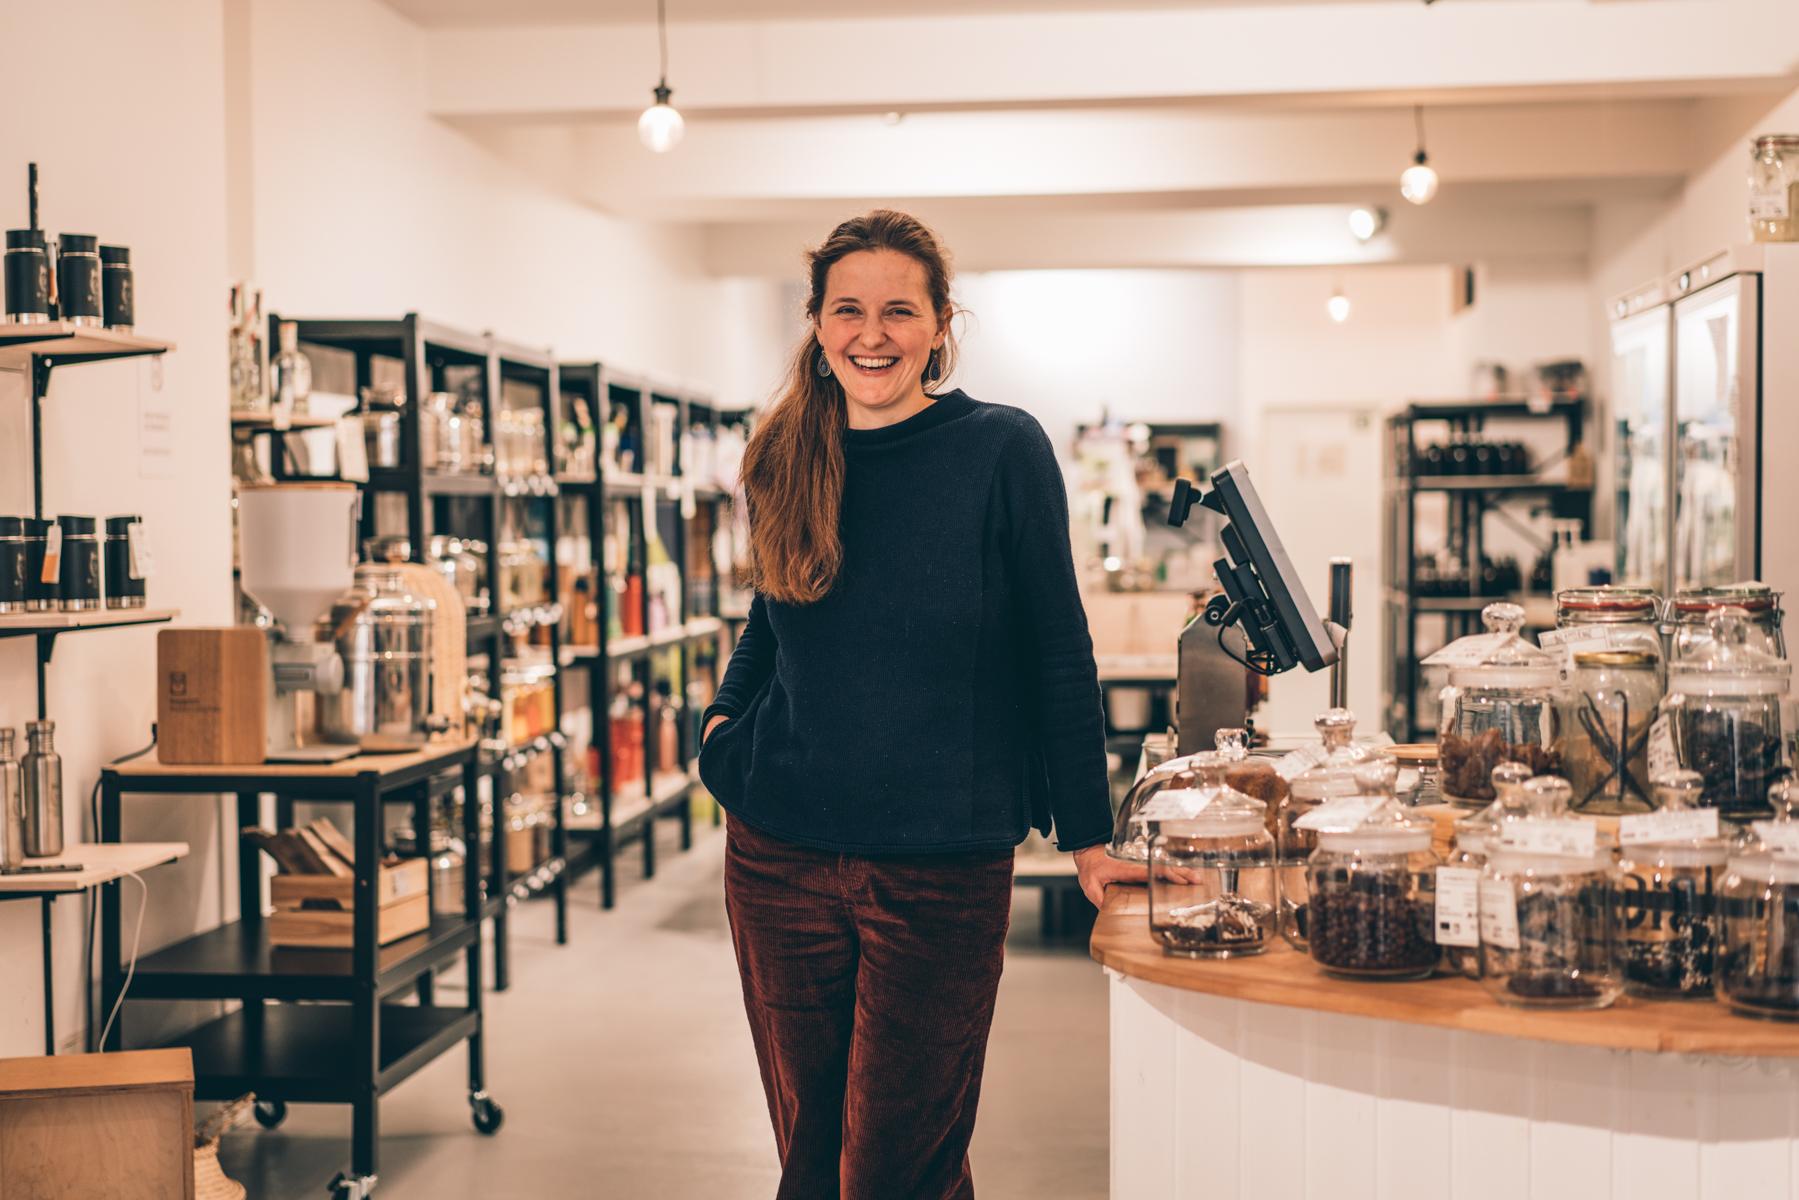 Hannah Sartin im Haidhausener Ohne Supermarkt. – ©wunderland media GmbH